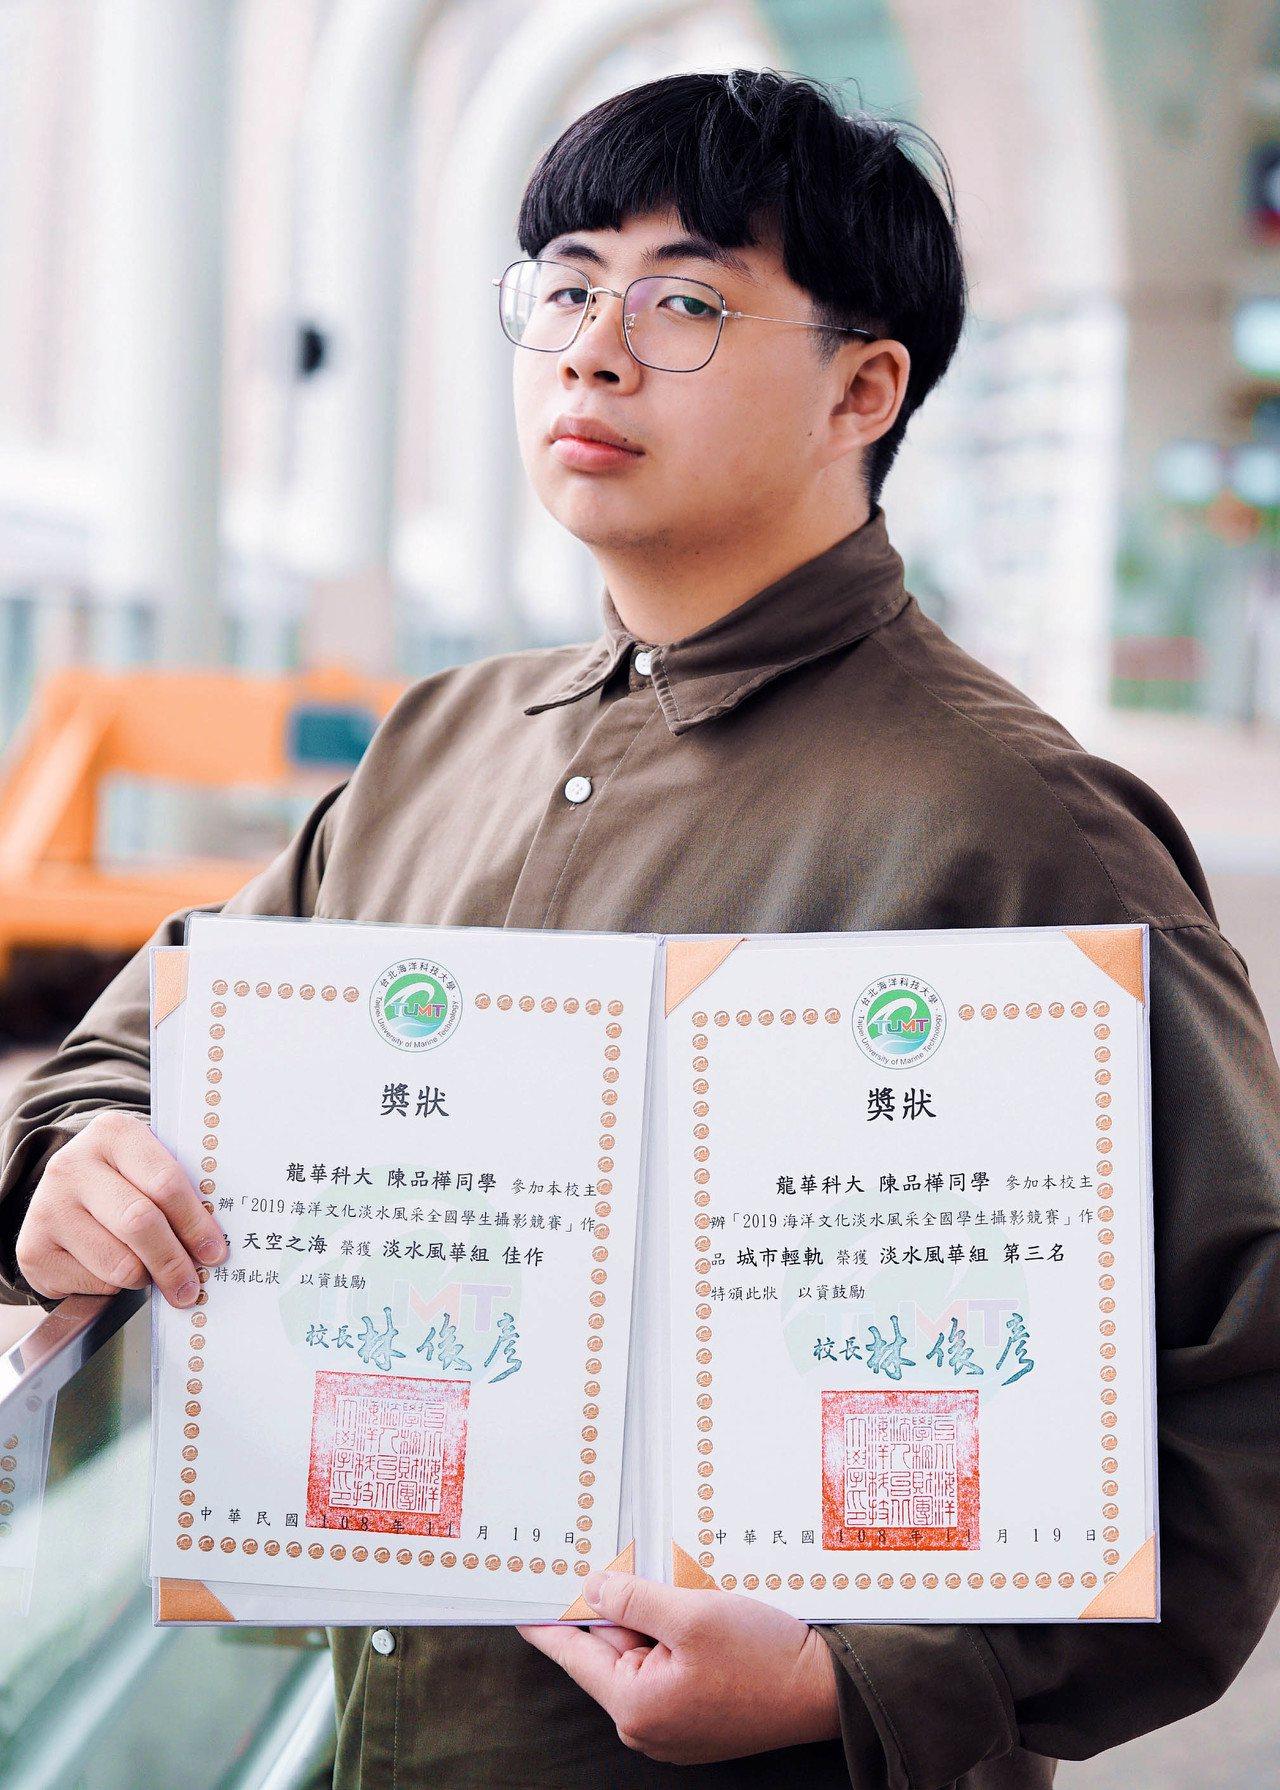 龍華科技大學PBL影視製作與行銷專班學生拿下2019年「海洋環保」微電影大賽金獎...